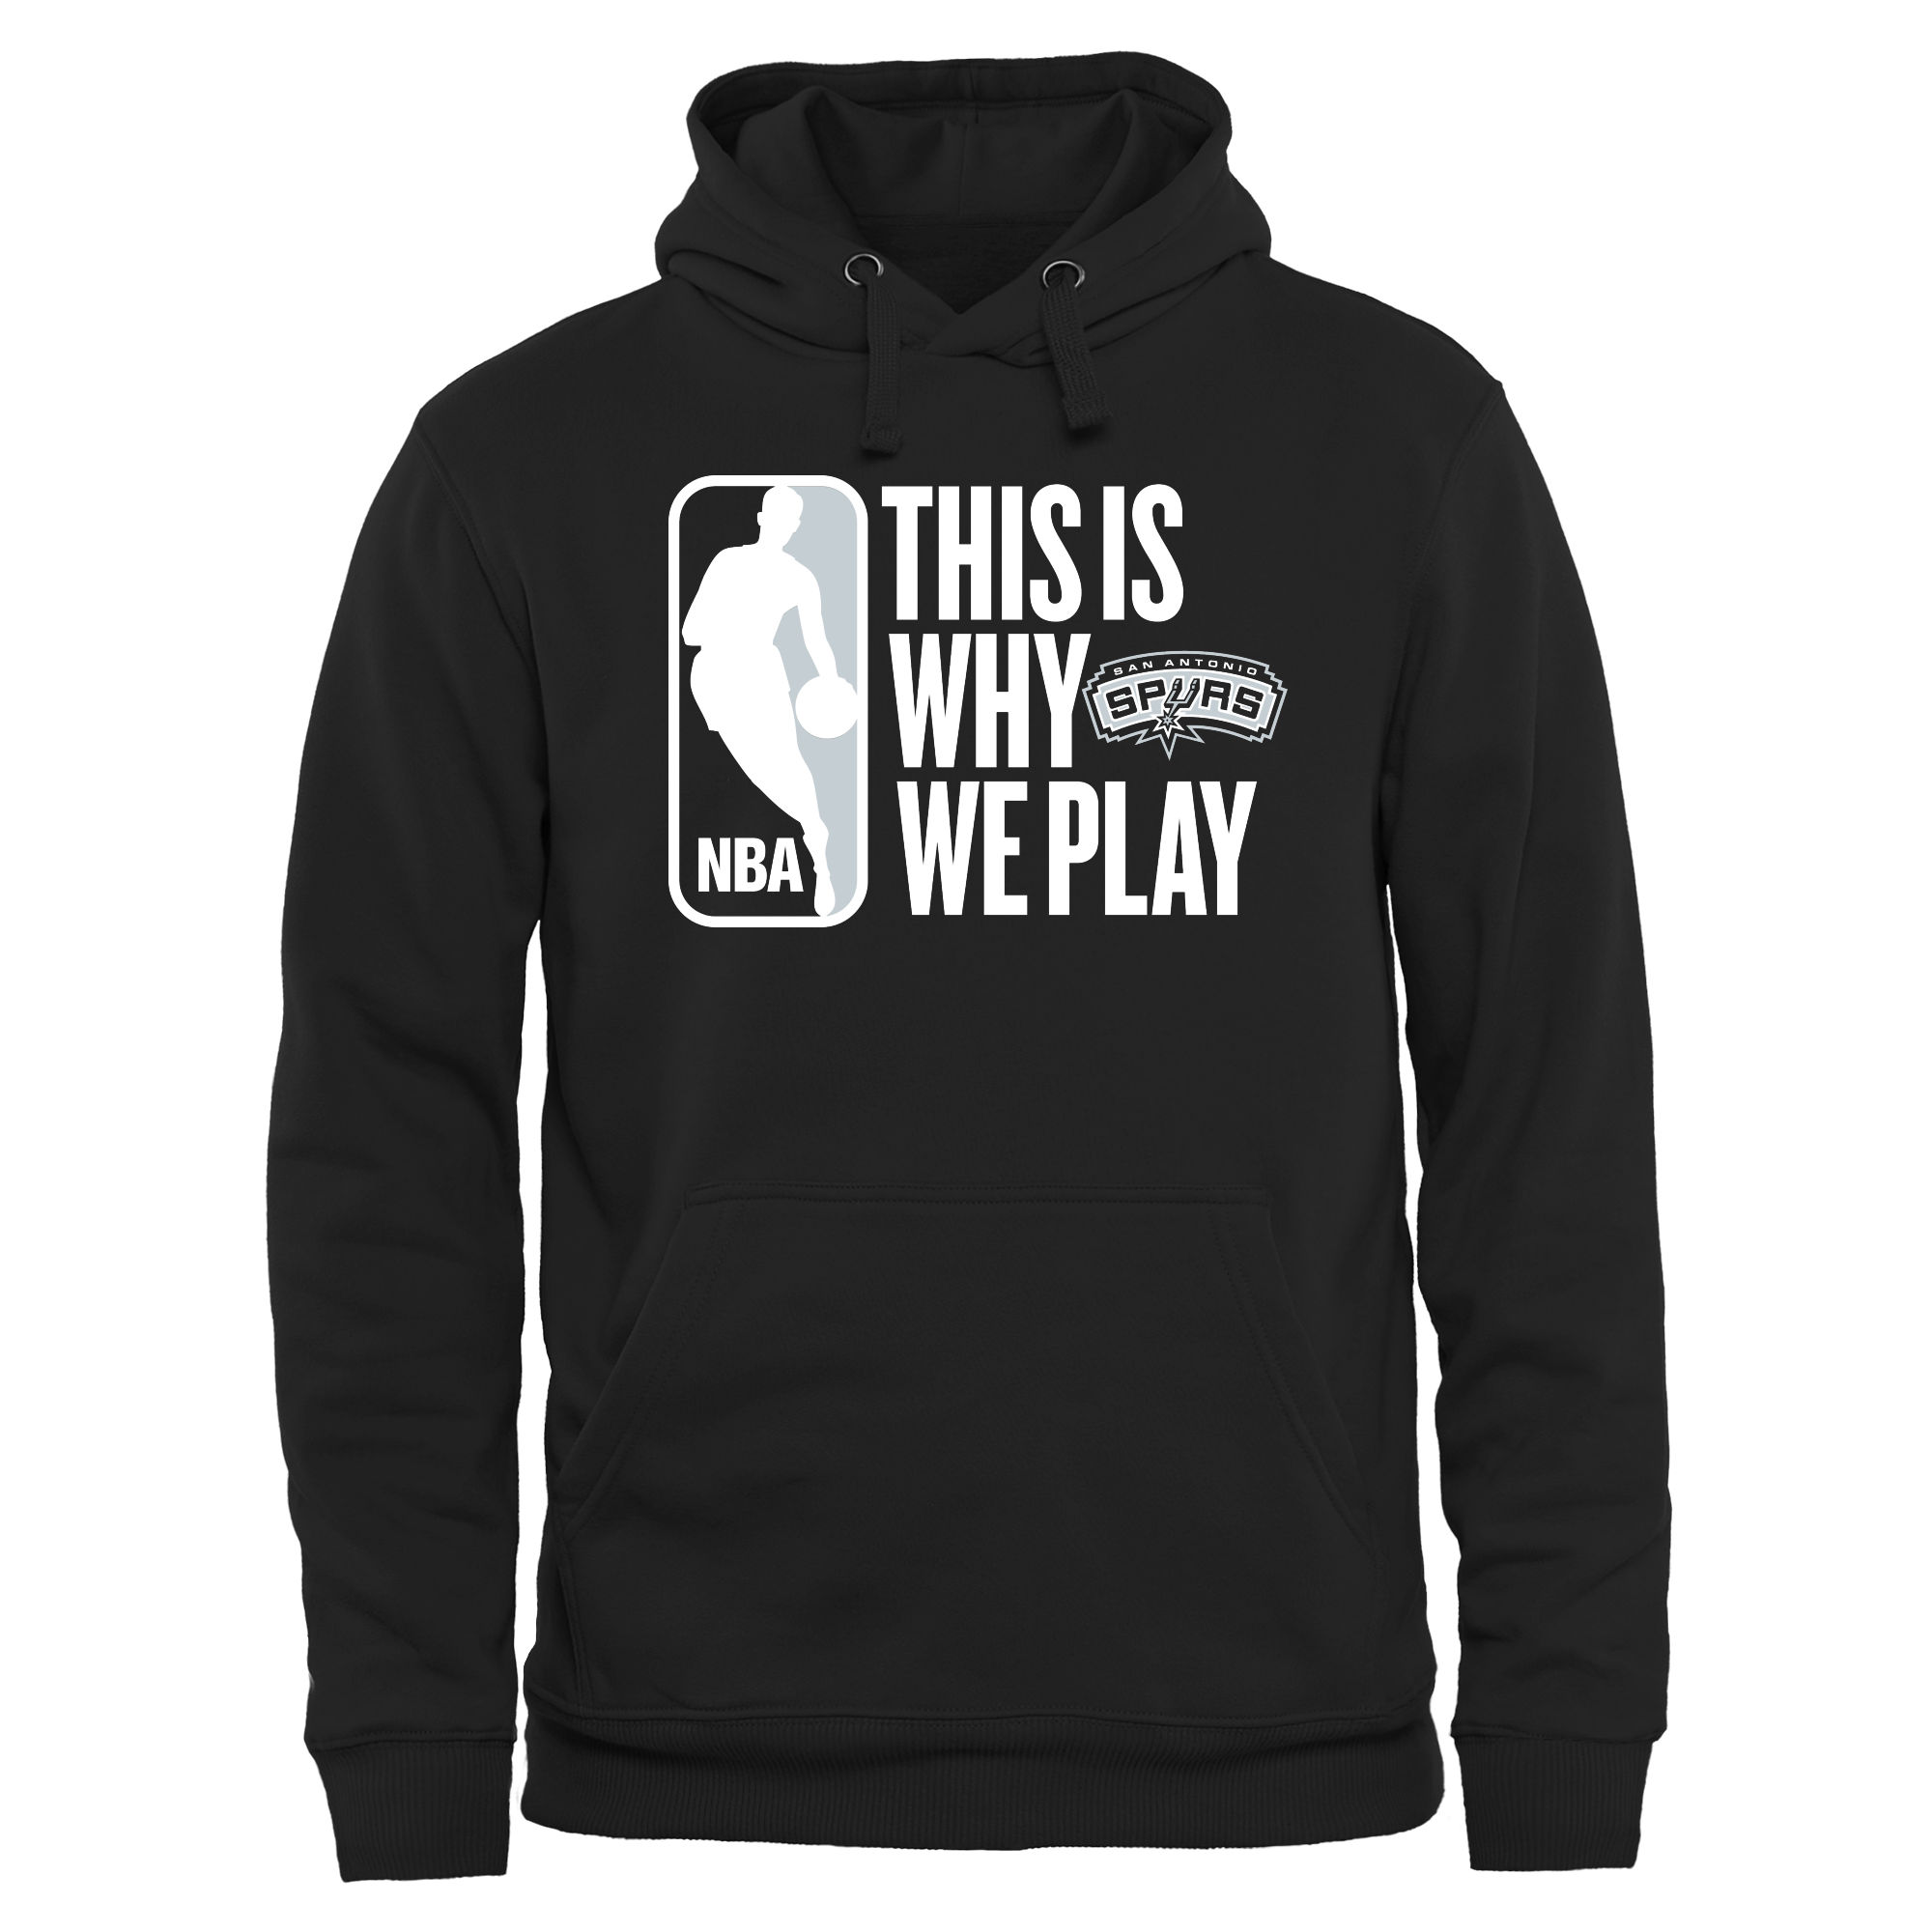 San Antonio Spurs This Is Why We Play Pullover Hoodie - Black